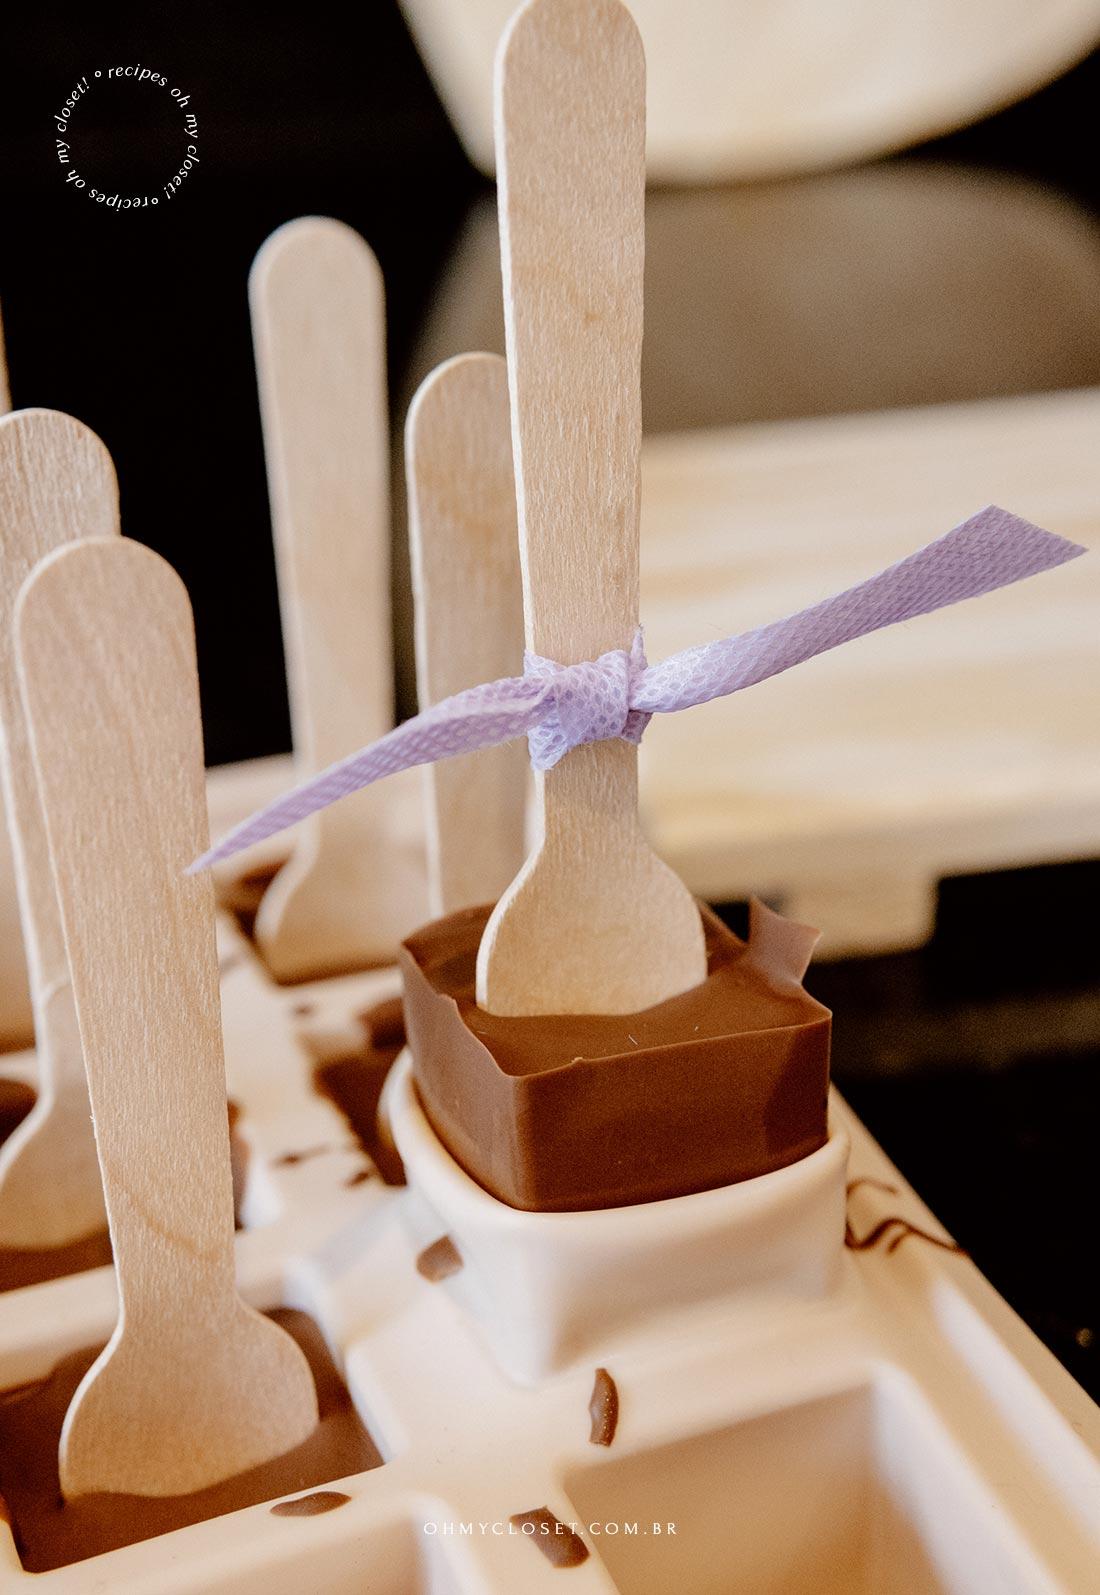 Tirando o chocolate no palito da forma de gelo. Chocolate quente no palito.